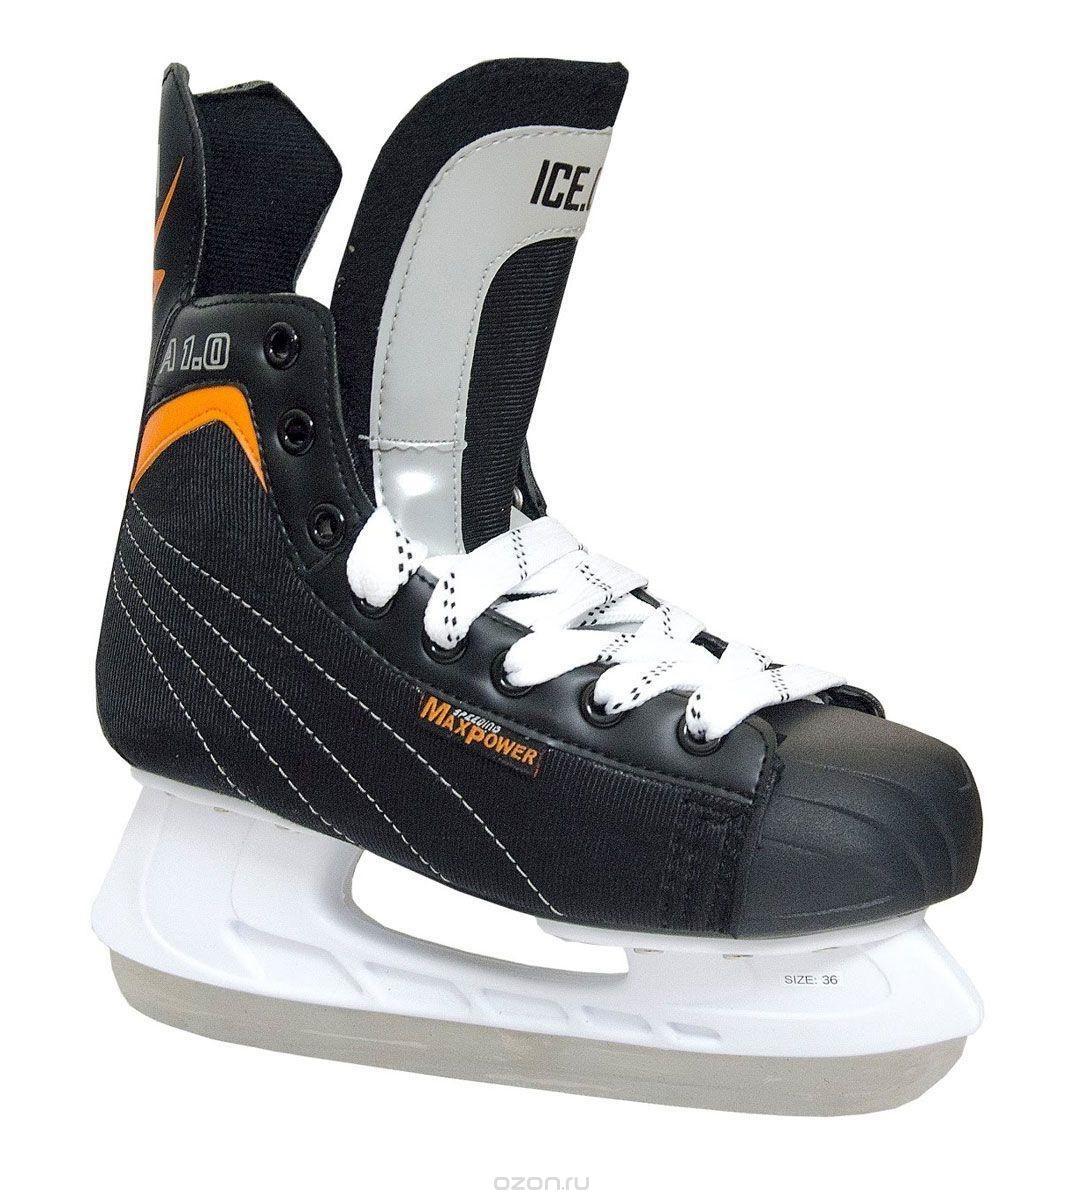 Коньки хоккейные  Ice Com мод. А1.0  р.46